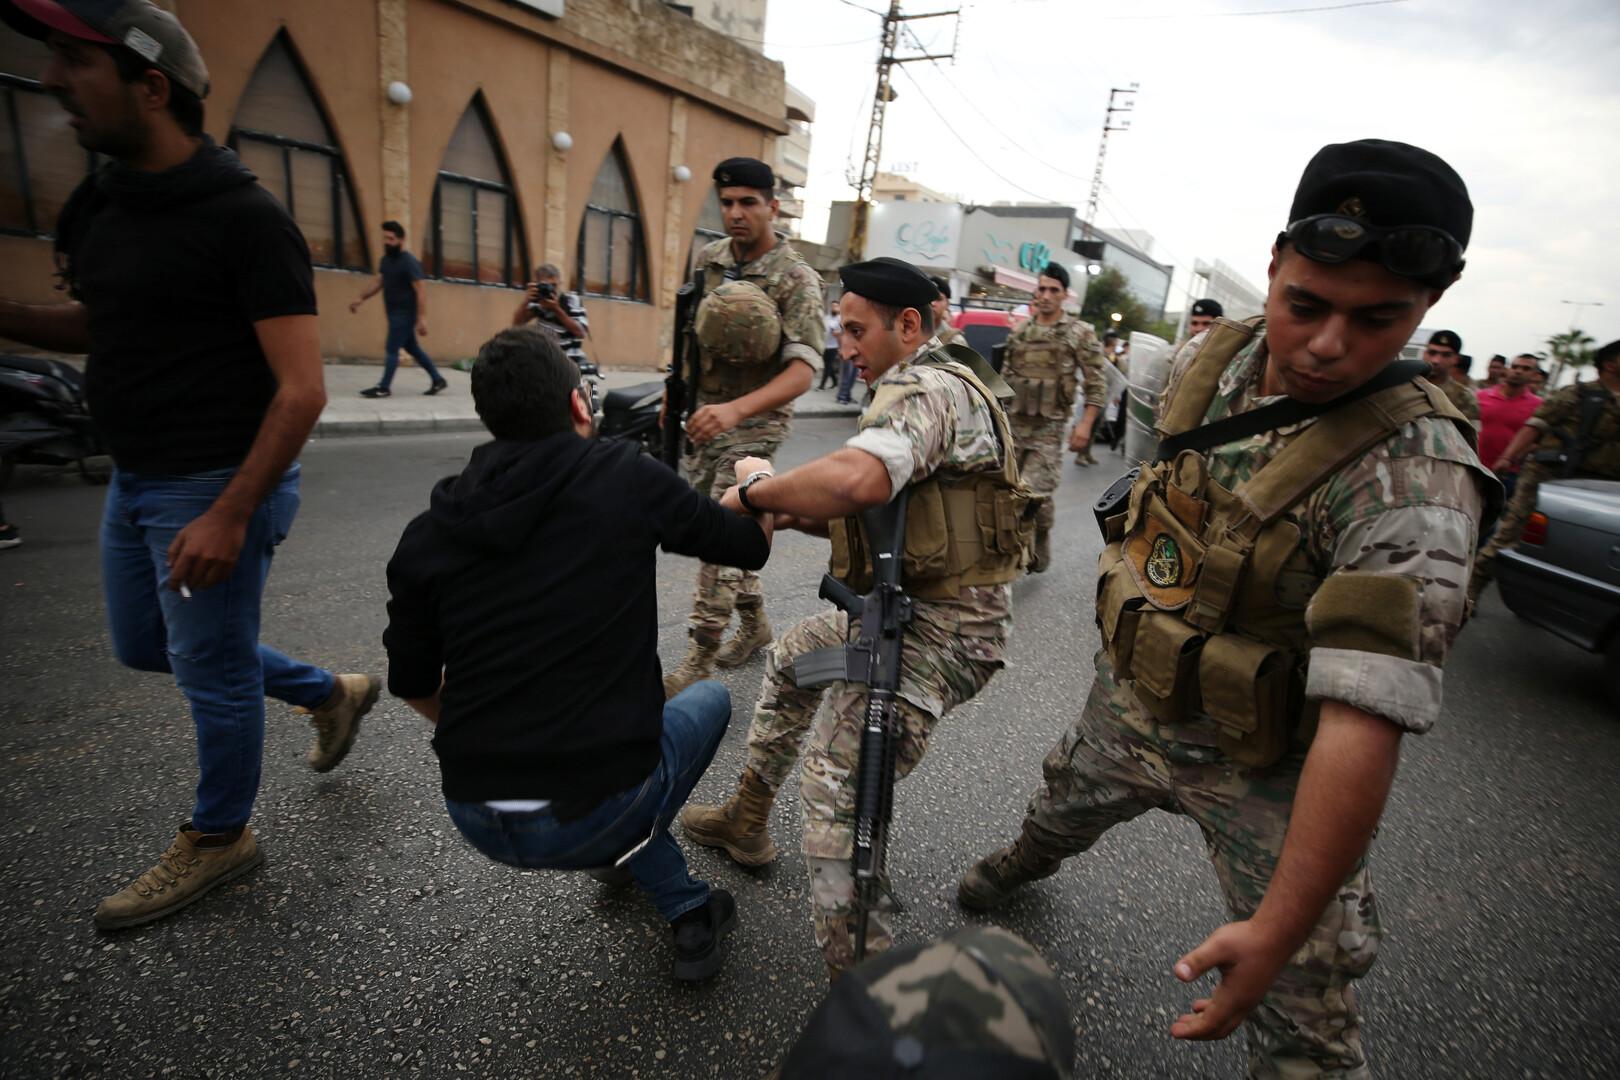 احتكاكات مع المحتجين خلال محاولة الجيش اللبناني فتح الطرقات